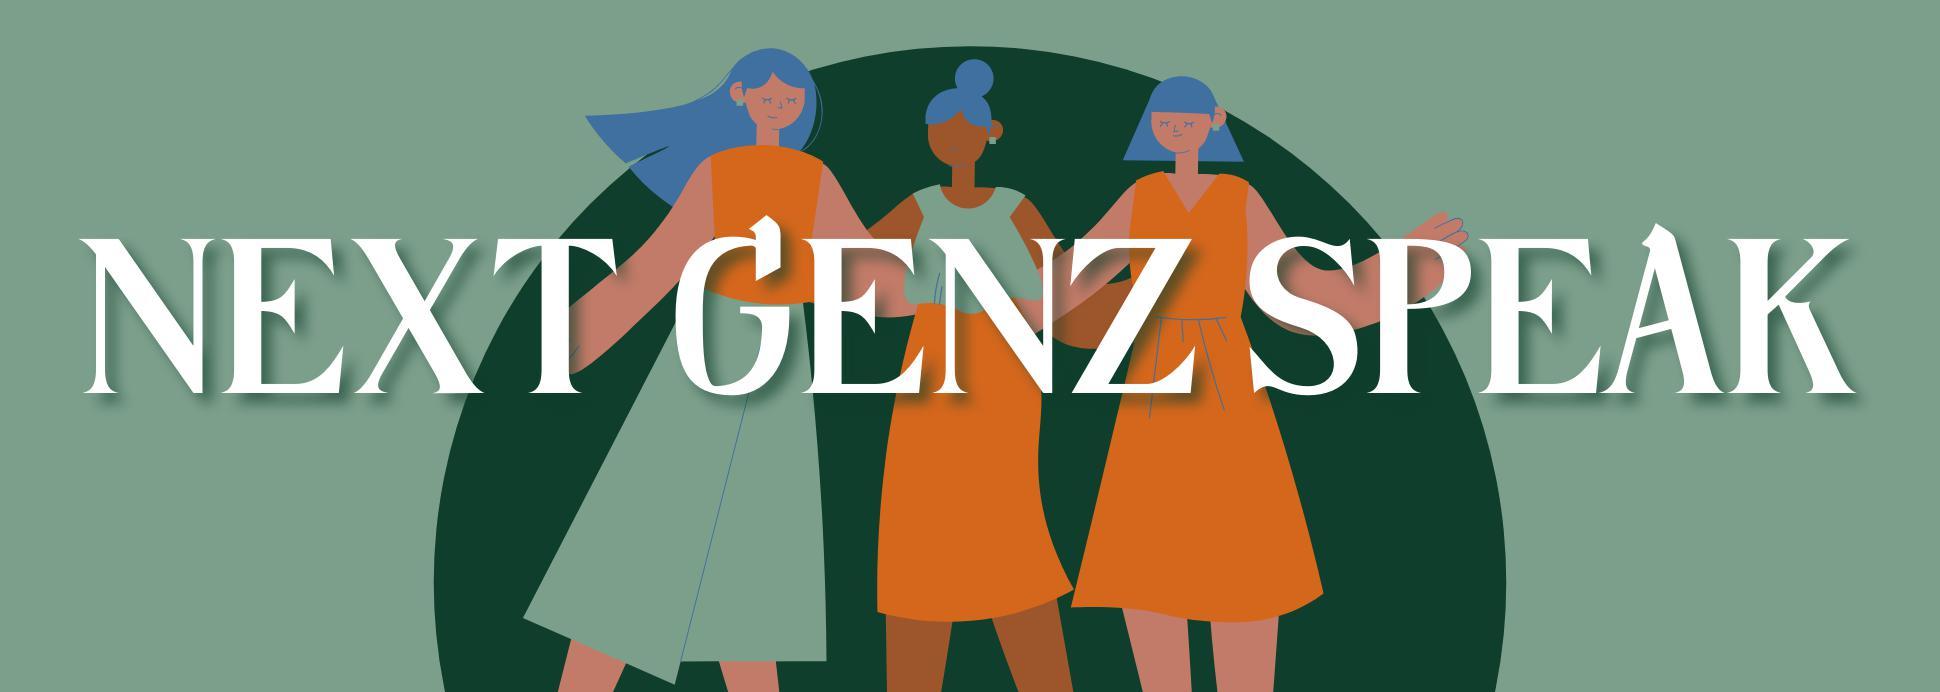 Next GenZ Speak